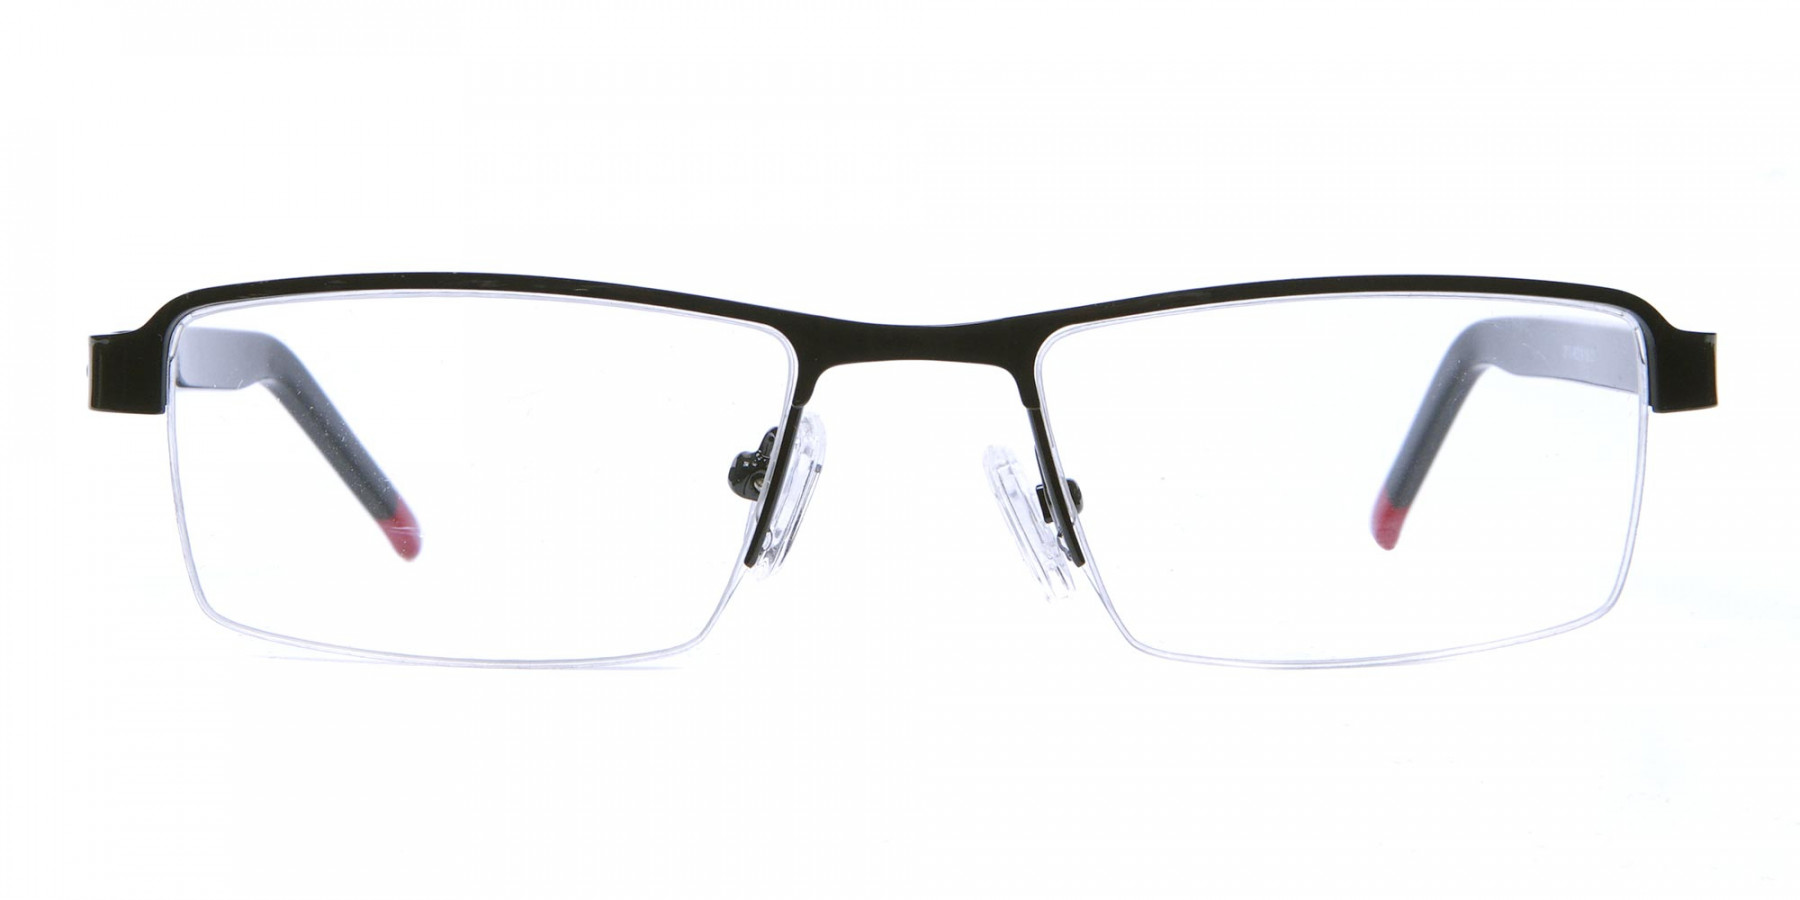 Rectangular Glasses in Black, Eyeglasses